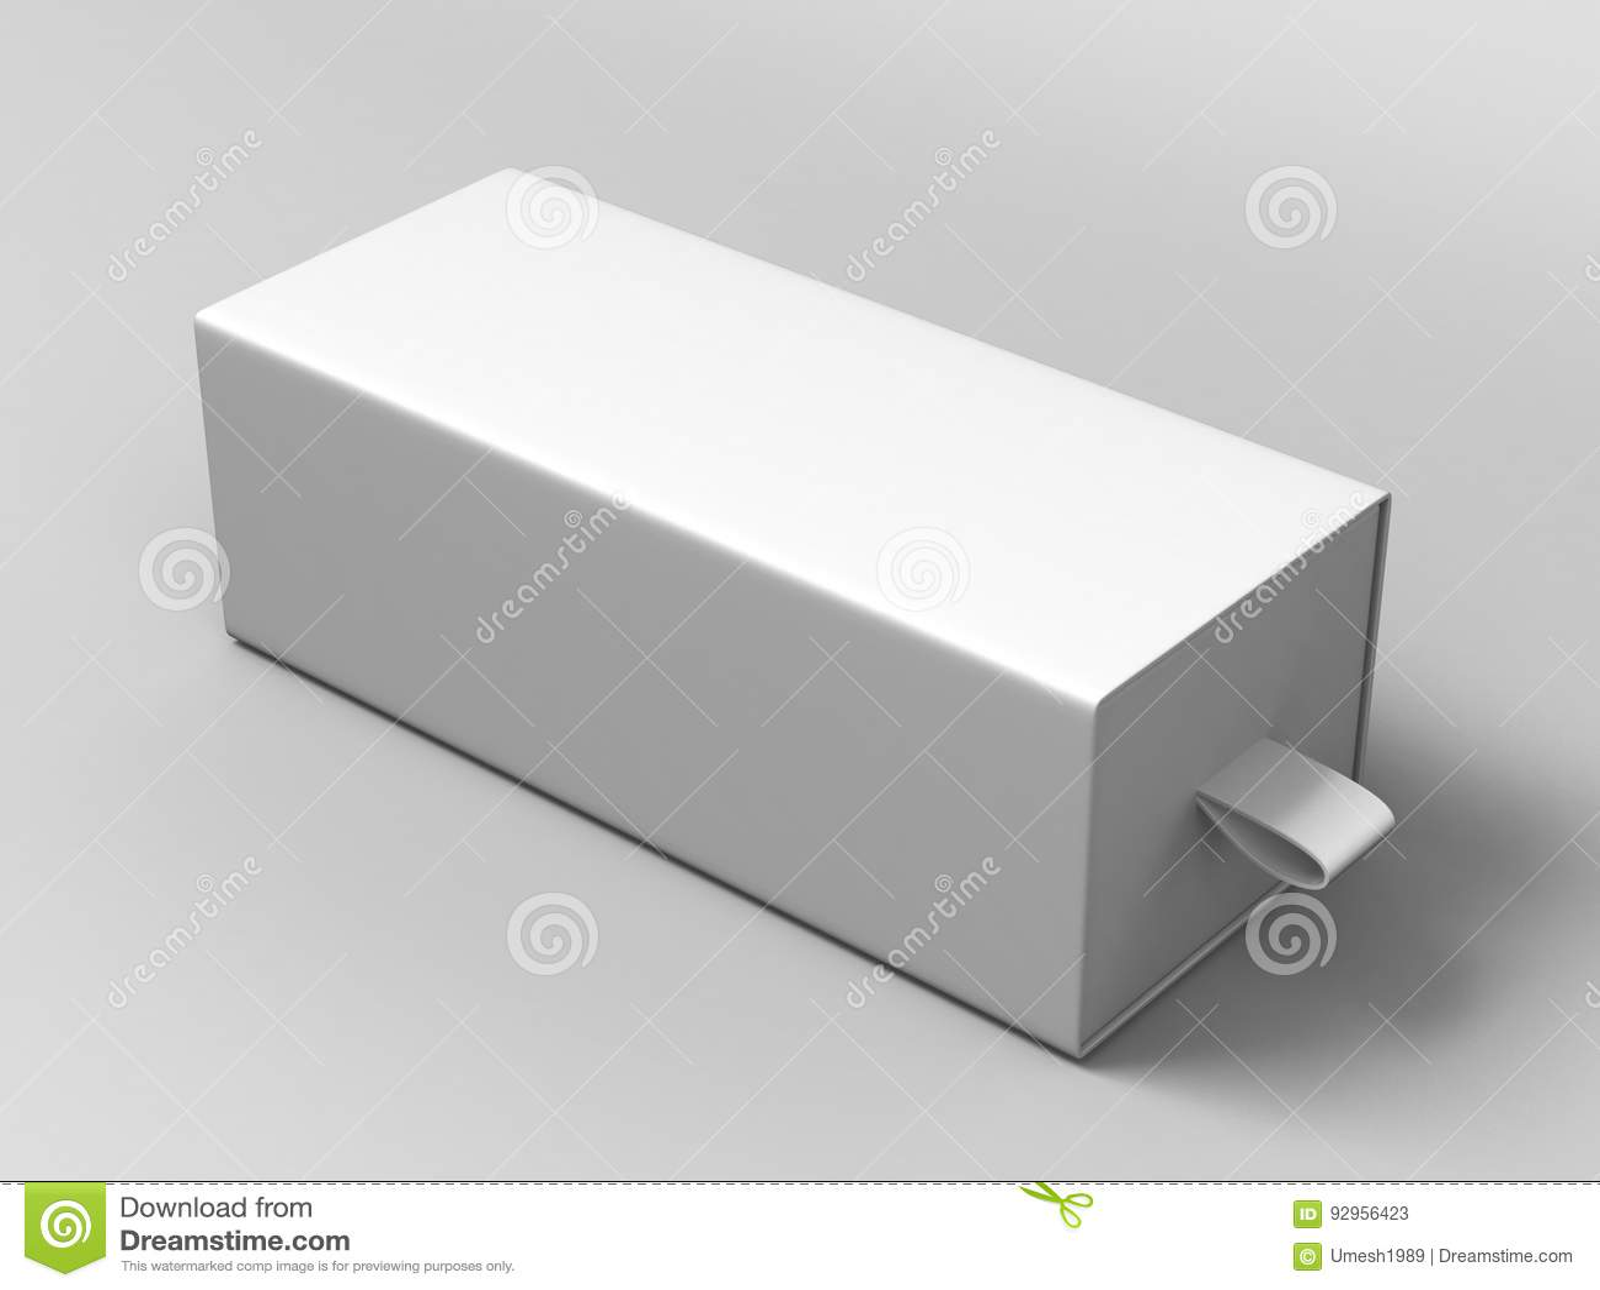 De realistische Glijdende Doos van het Pakket Lege witte Karton op grijze achtergrond Voor kleine punten, gelijken, en andere din